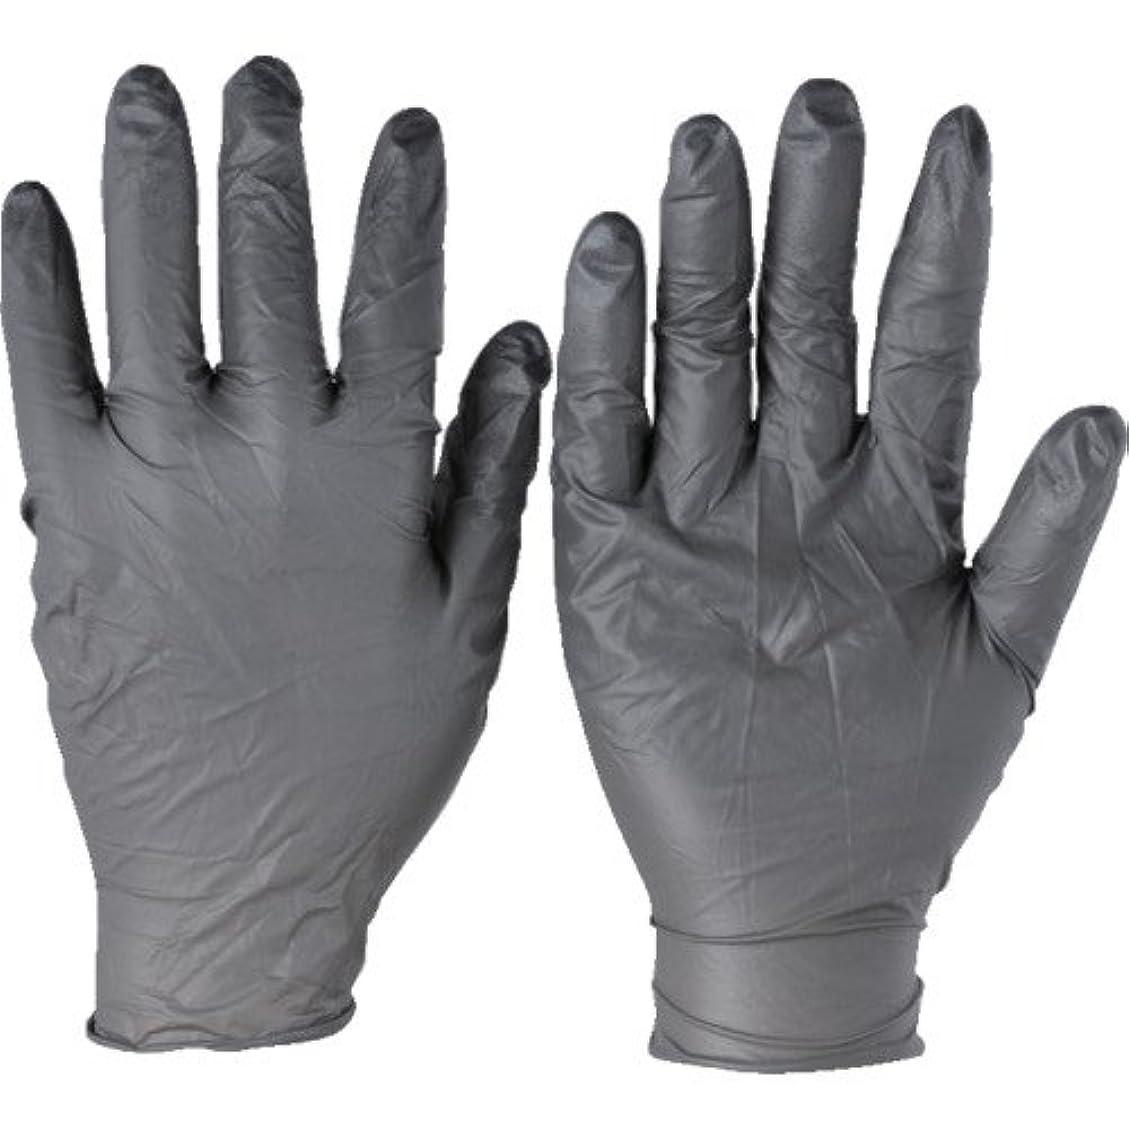 撤回する熱狂的な病的トラスコ中山 アンセル ニトリルゴム使い捨て手袋 タッチエヌタフ 粉無 Sサイズ 100枚入 932507